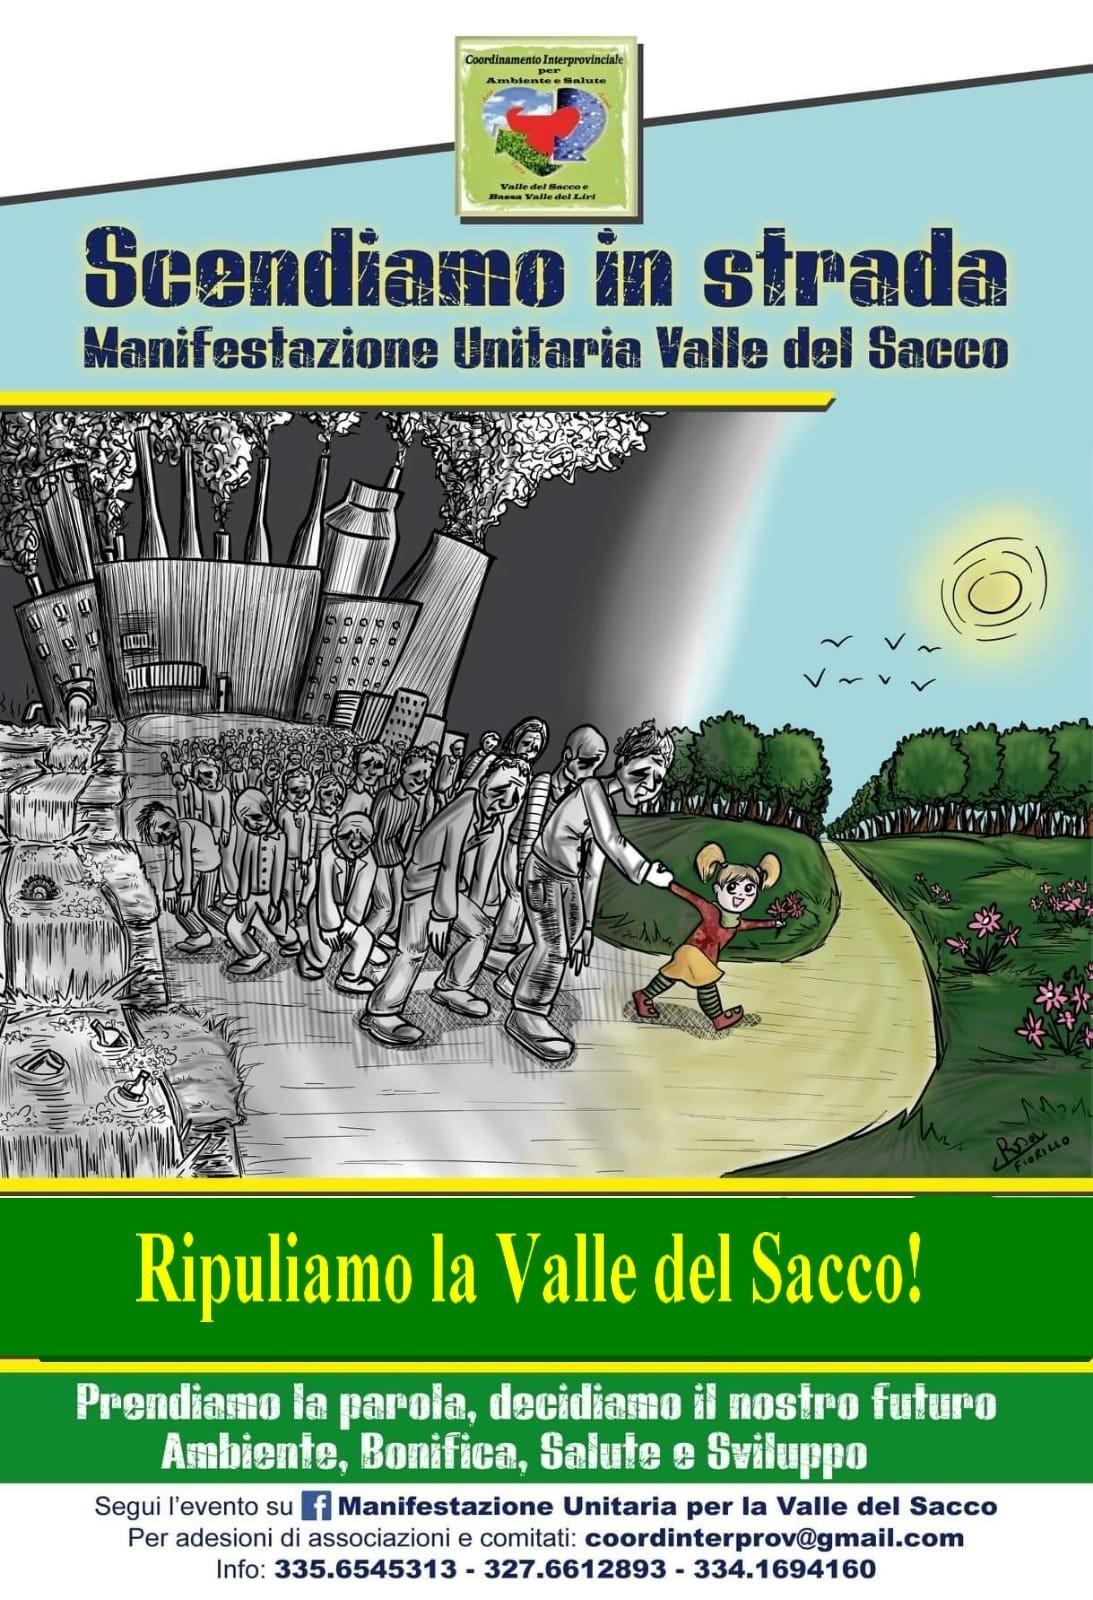 il fiume Sacco - manifesto per la salvaguardia del fiume